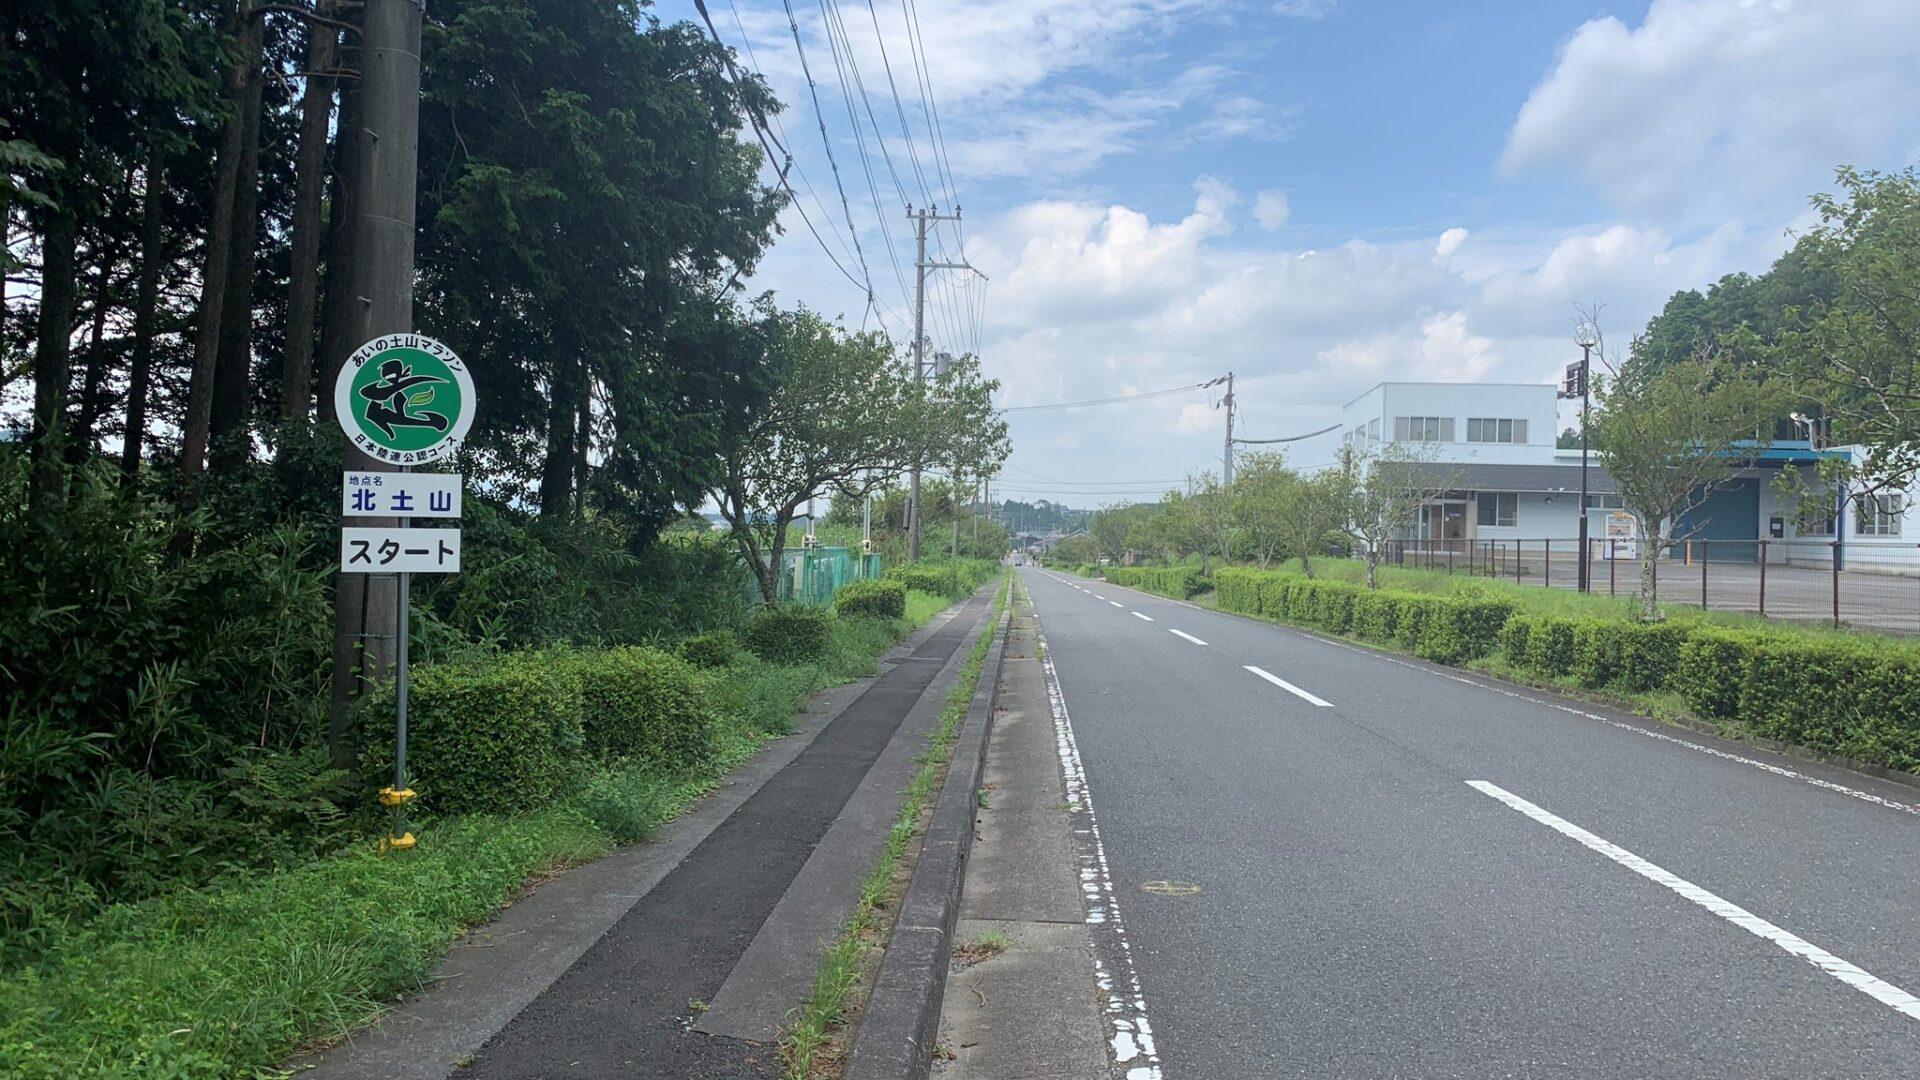 土山マラソン42.195km走実施をもって本日より新シーズンをスタート